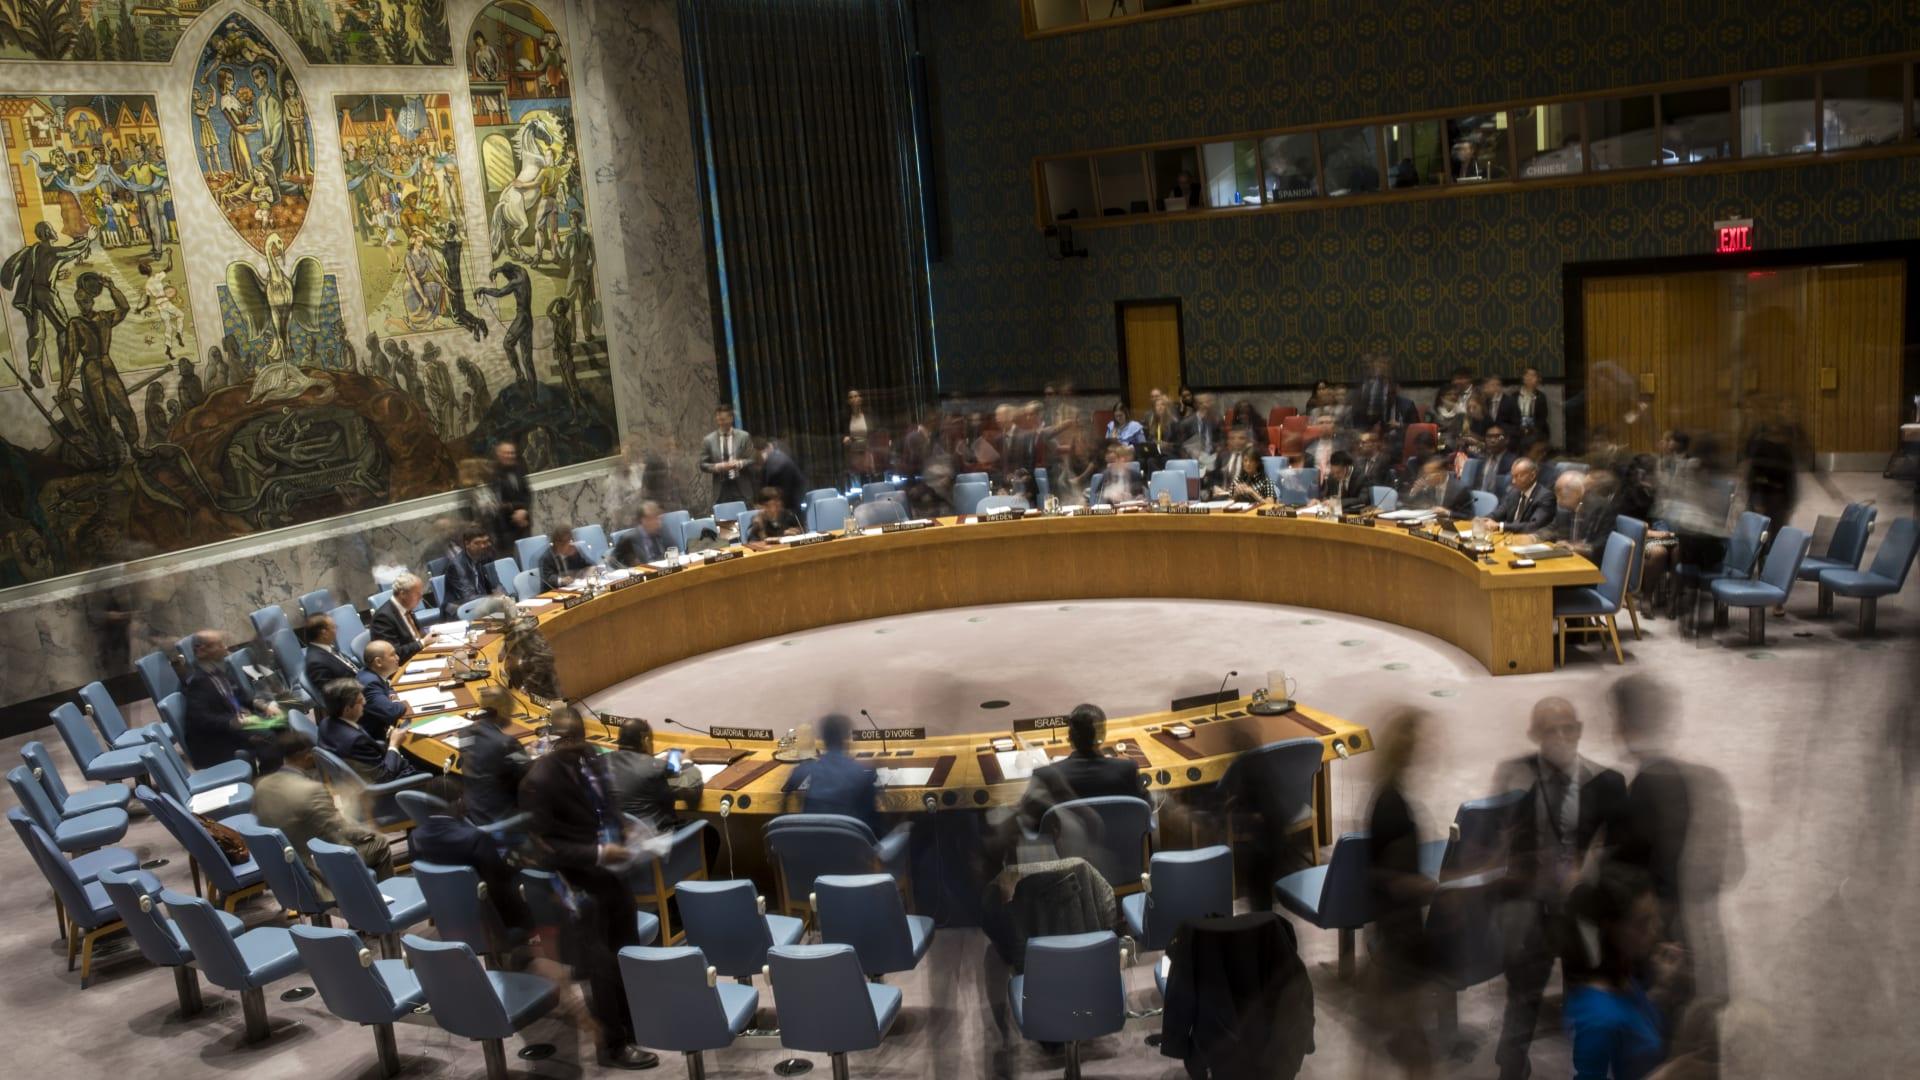 اجتماع لمجلس الأمن الدولي بشأن سوريا - صورة أرشيفية